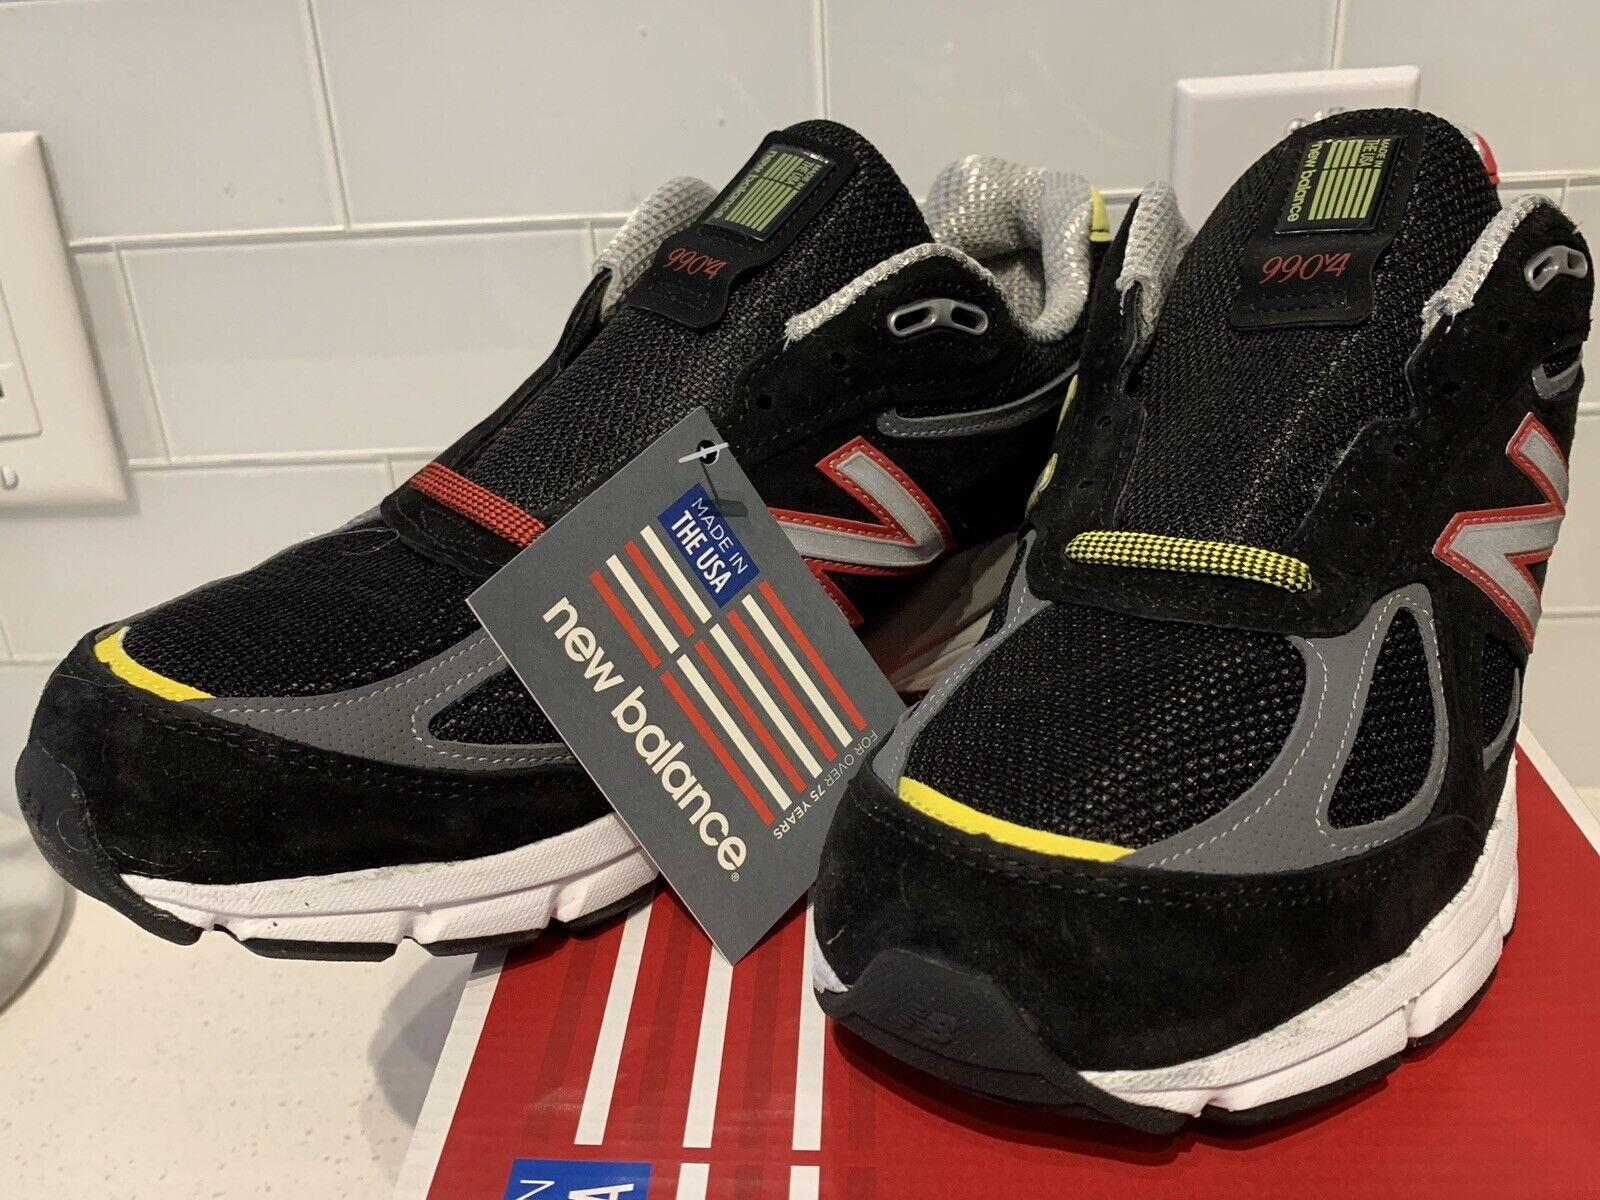 Nuevo En Caja New 990v4 Hecho en EE. UU. Funcionando Balance Zapatos Negro M 990 DMVB para hombres